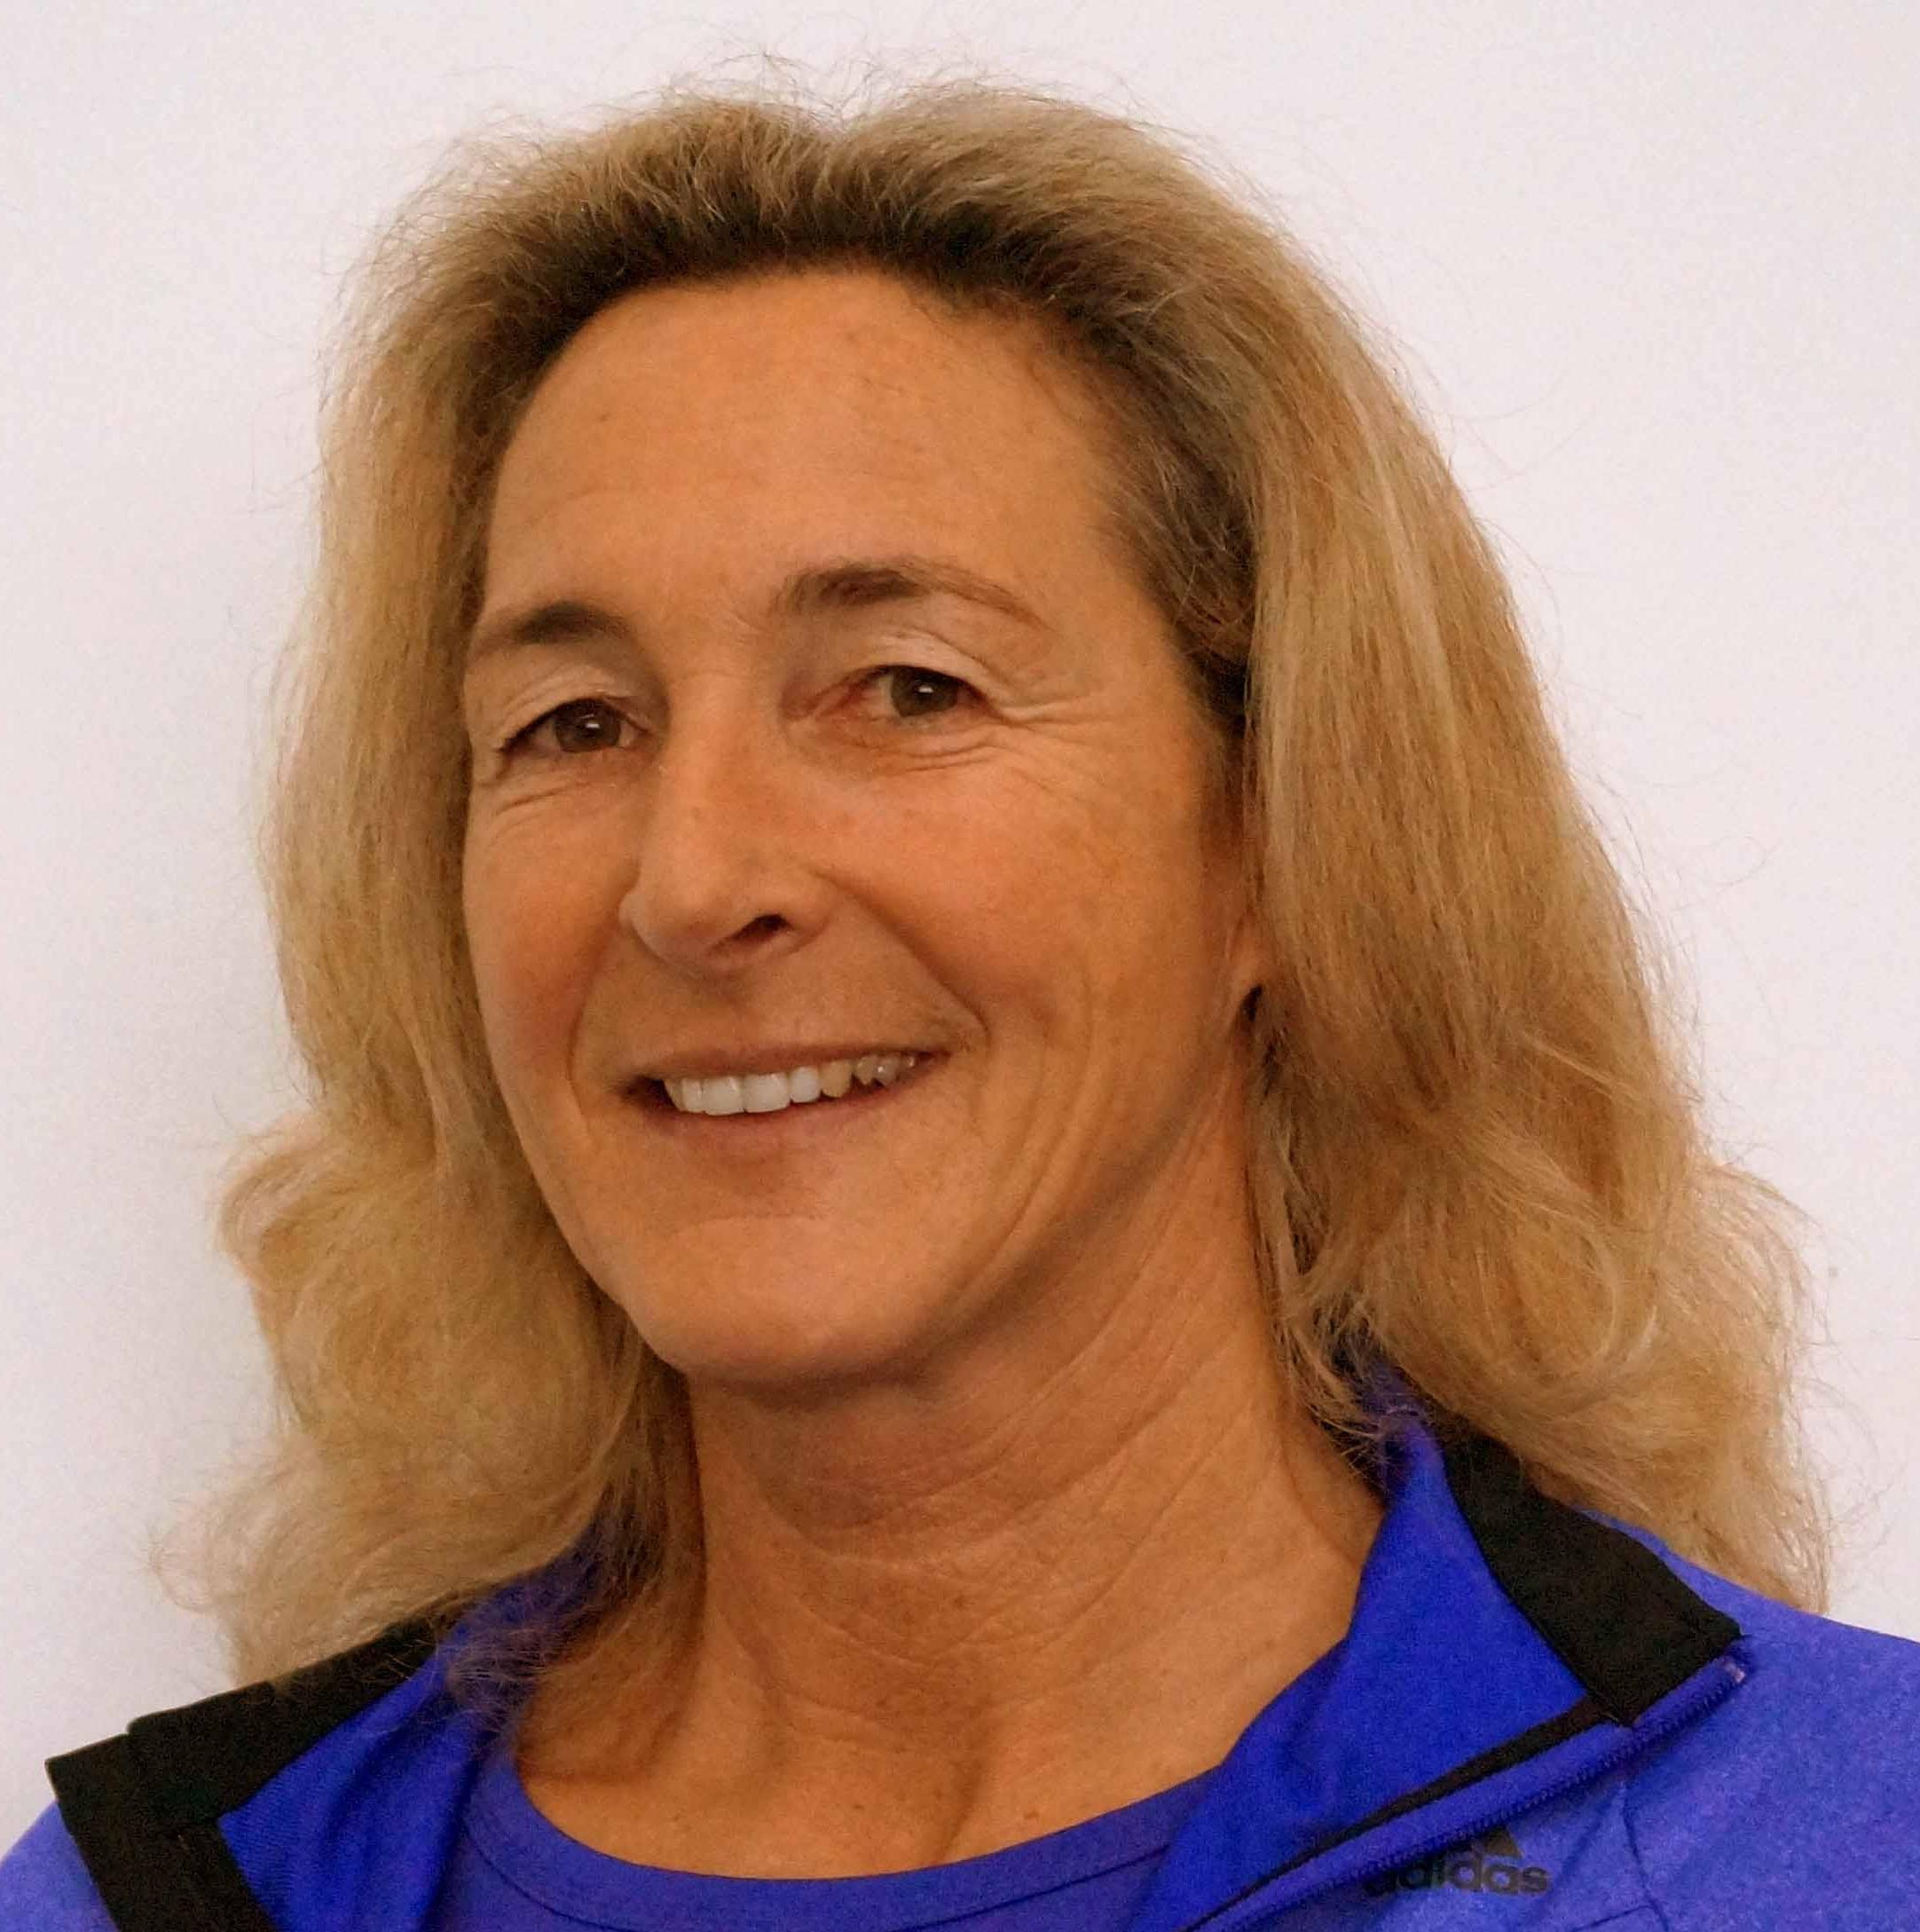 Stefanie Arlt